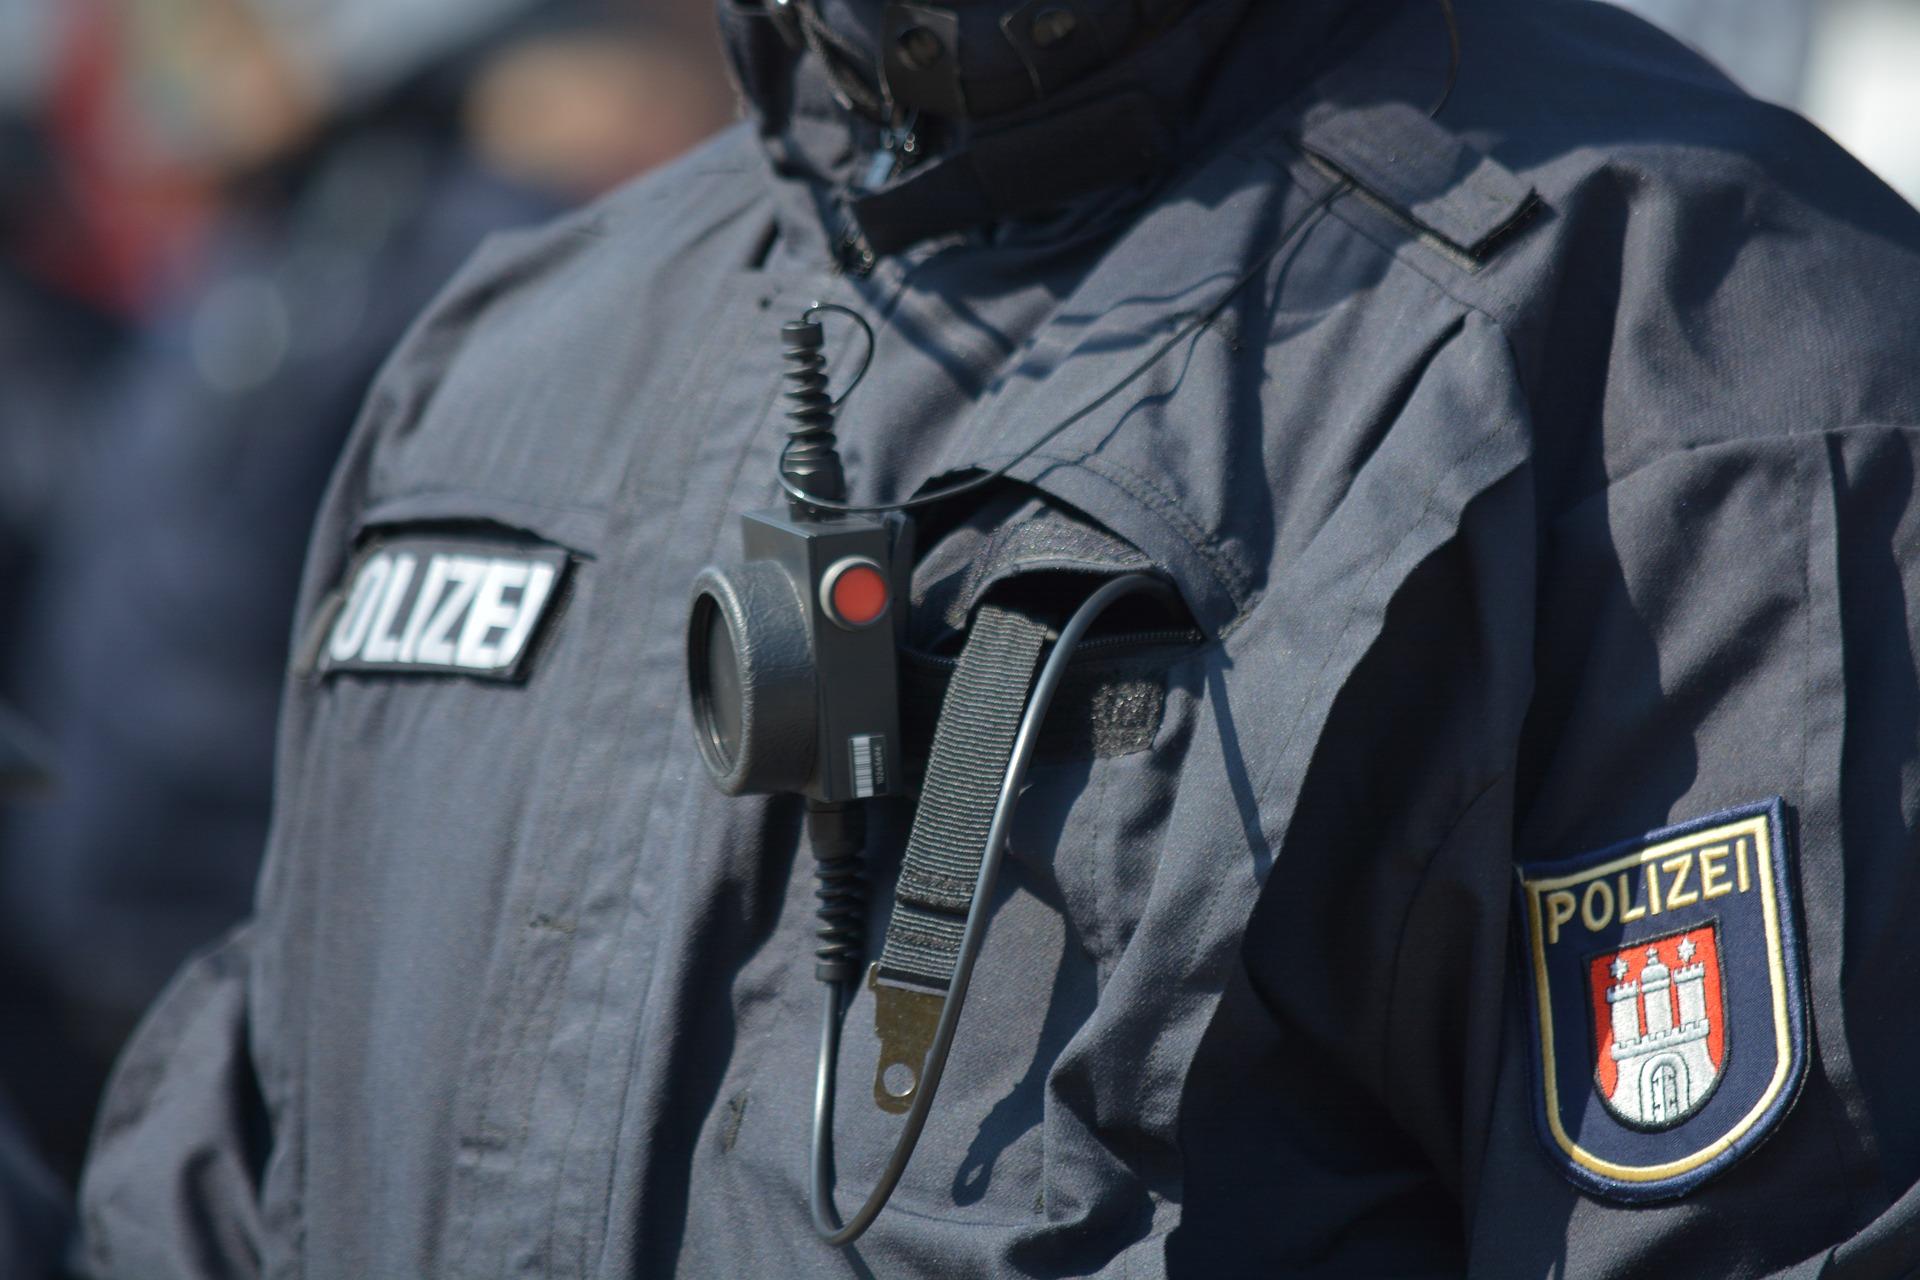 Innere Sicherheit - Justiz - Polizei